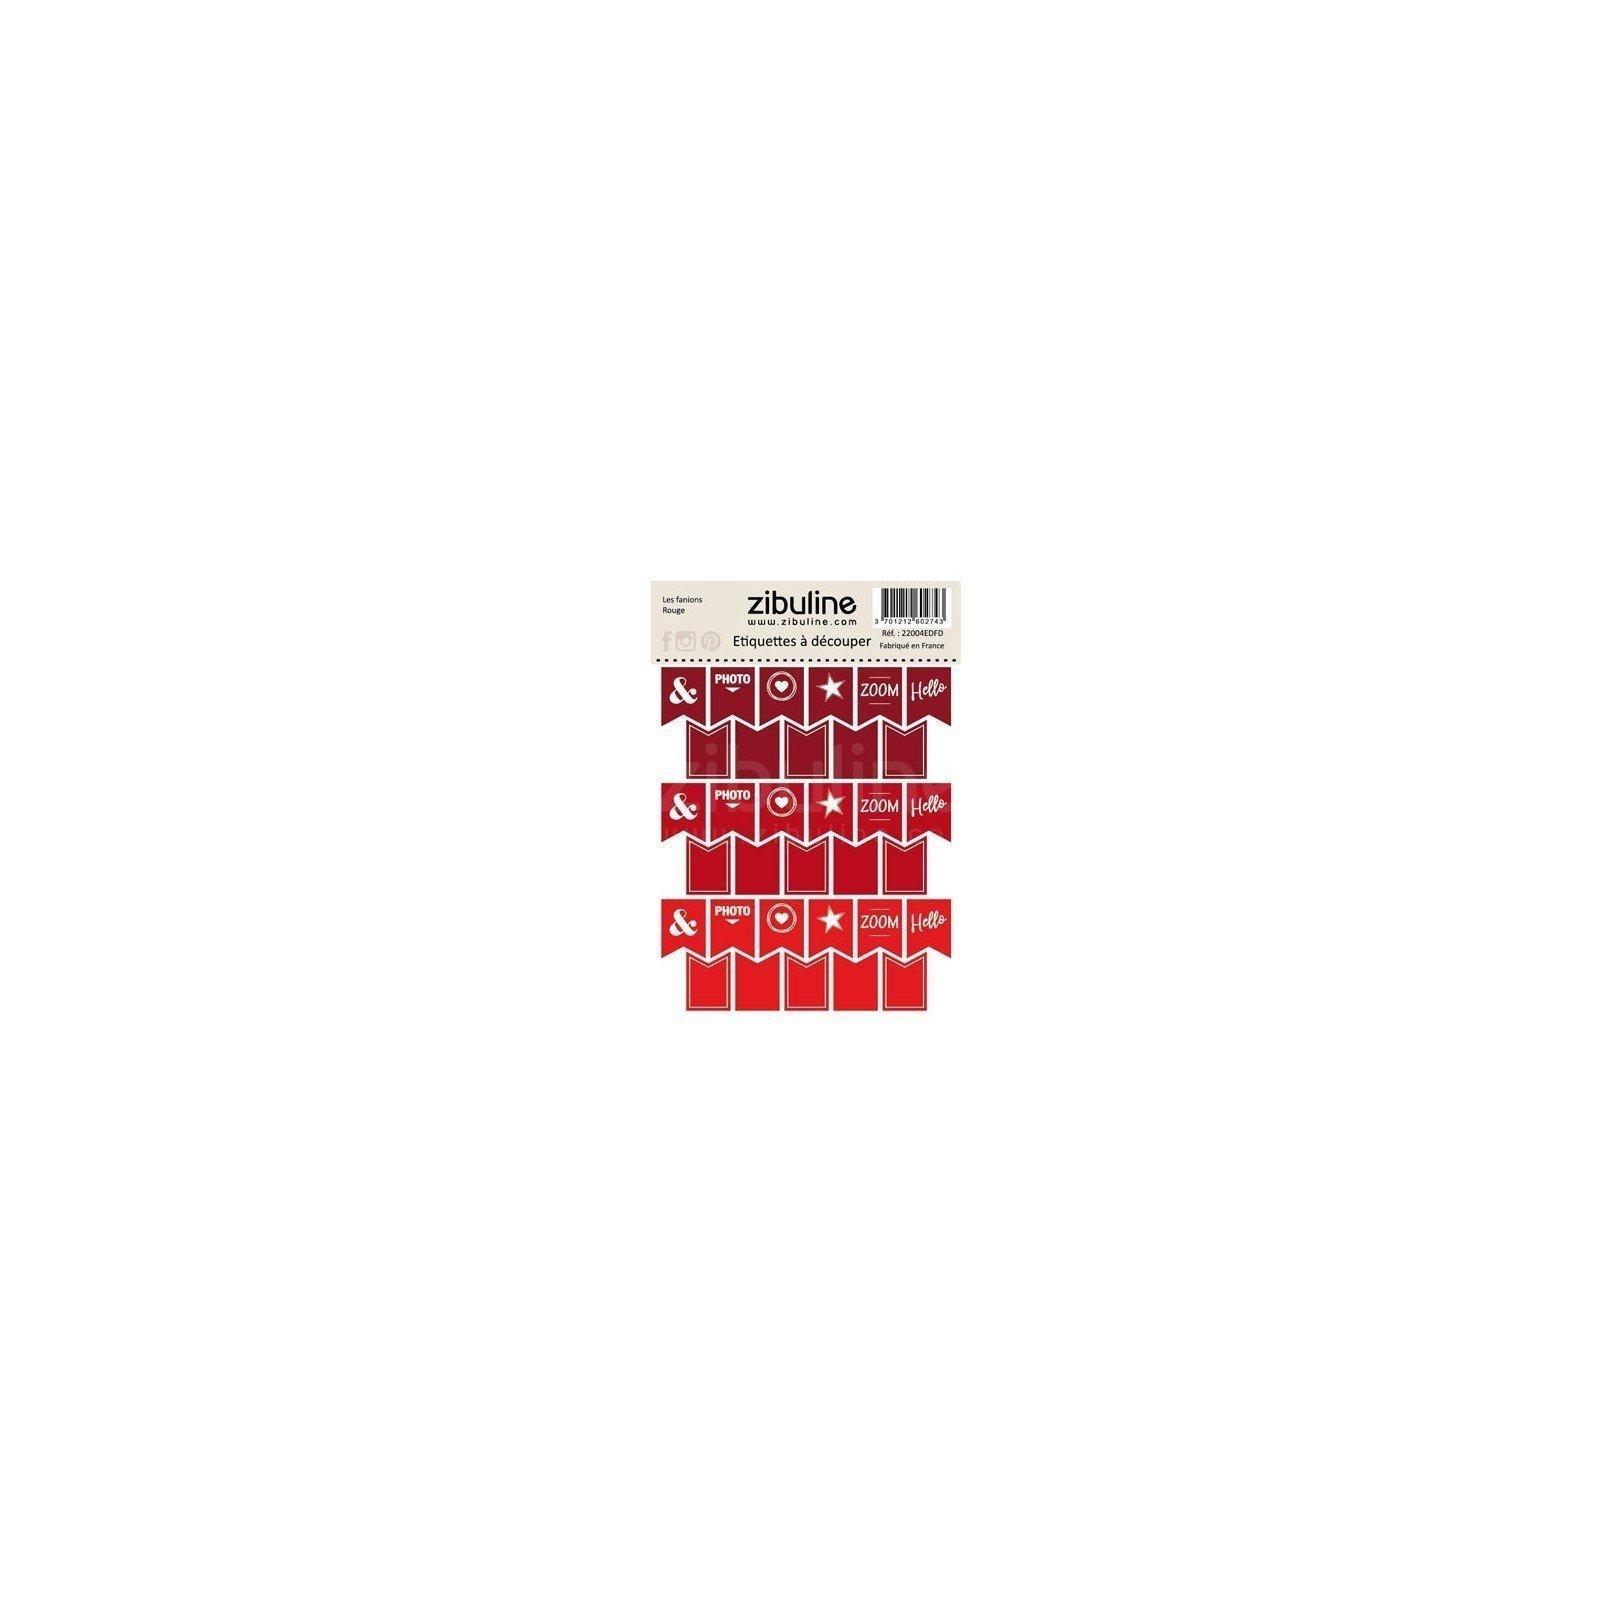 Planche d'étiquettes à découper - Les fanions - Rouge - Zibuline